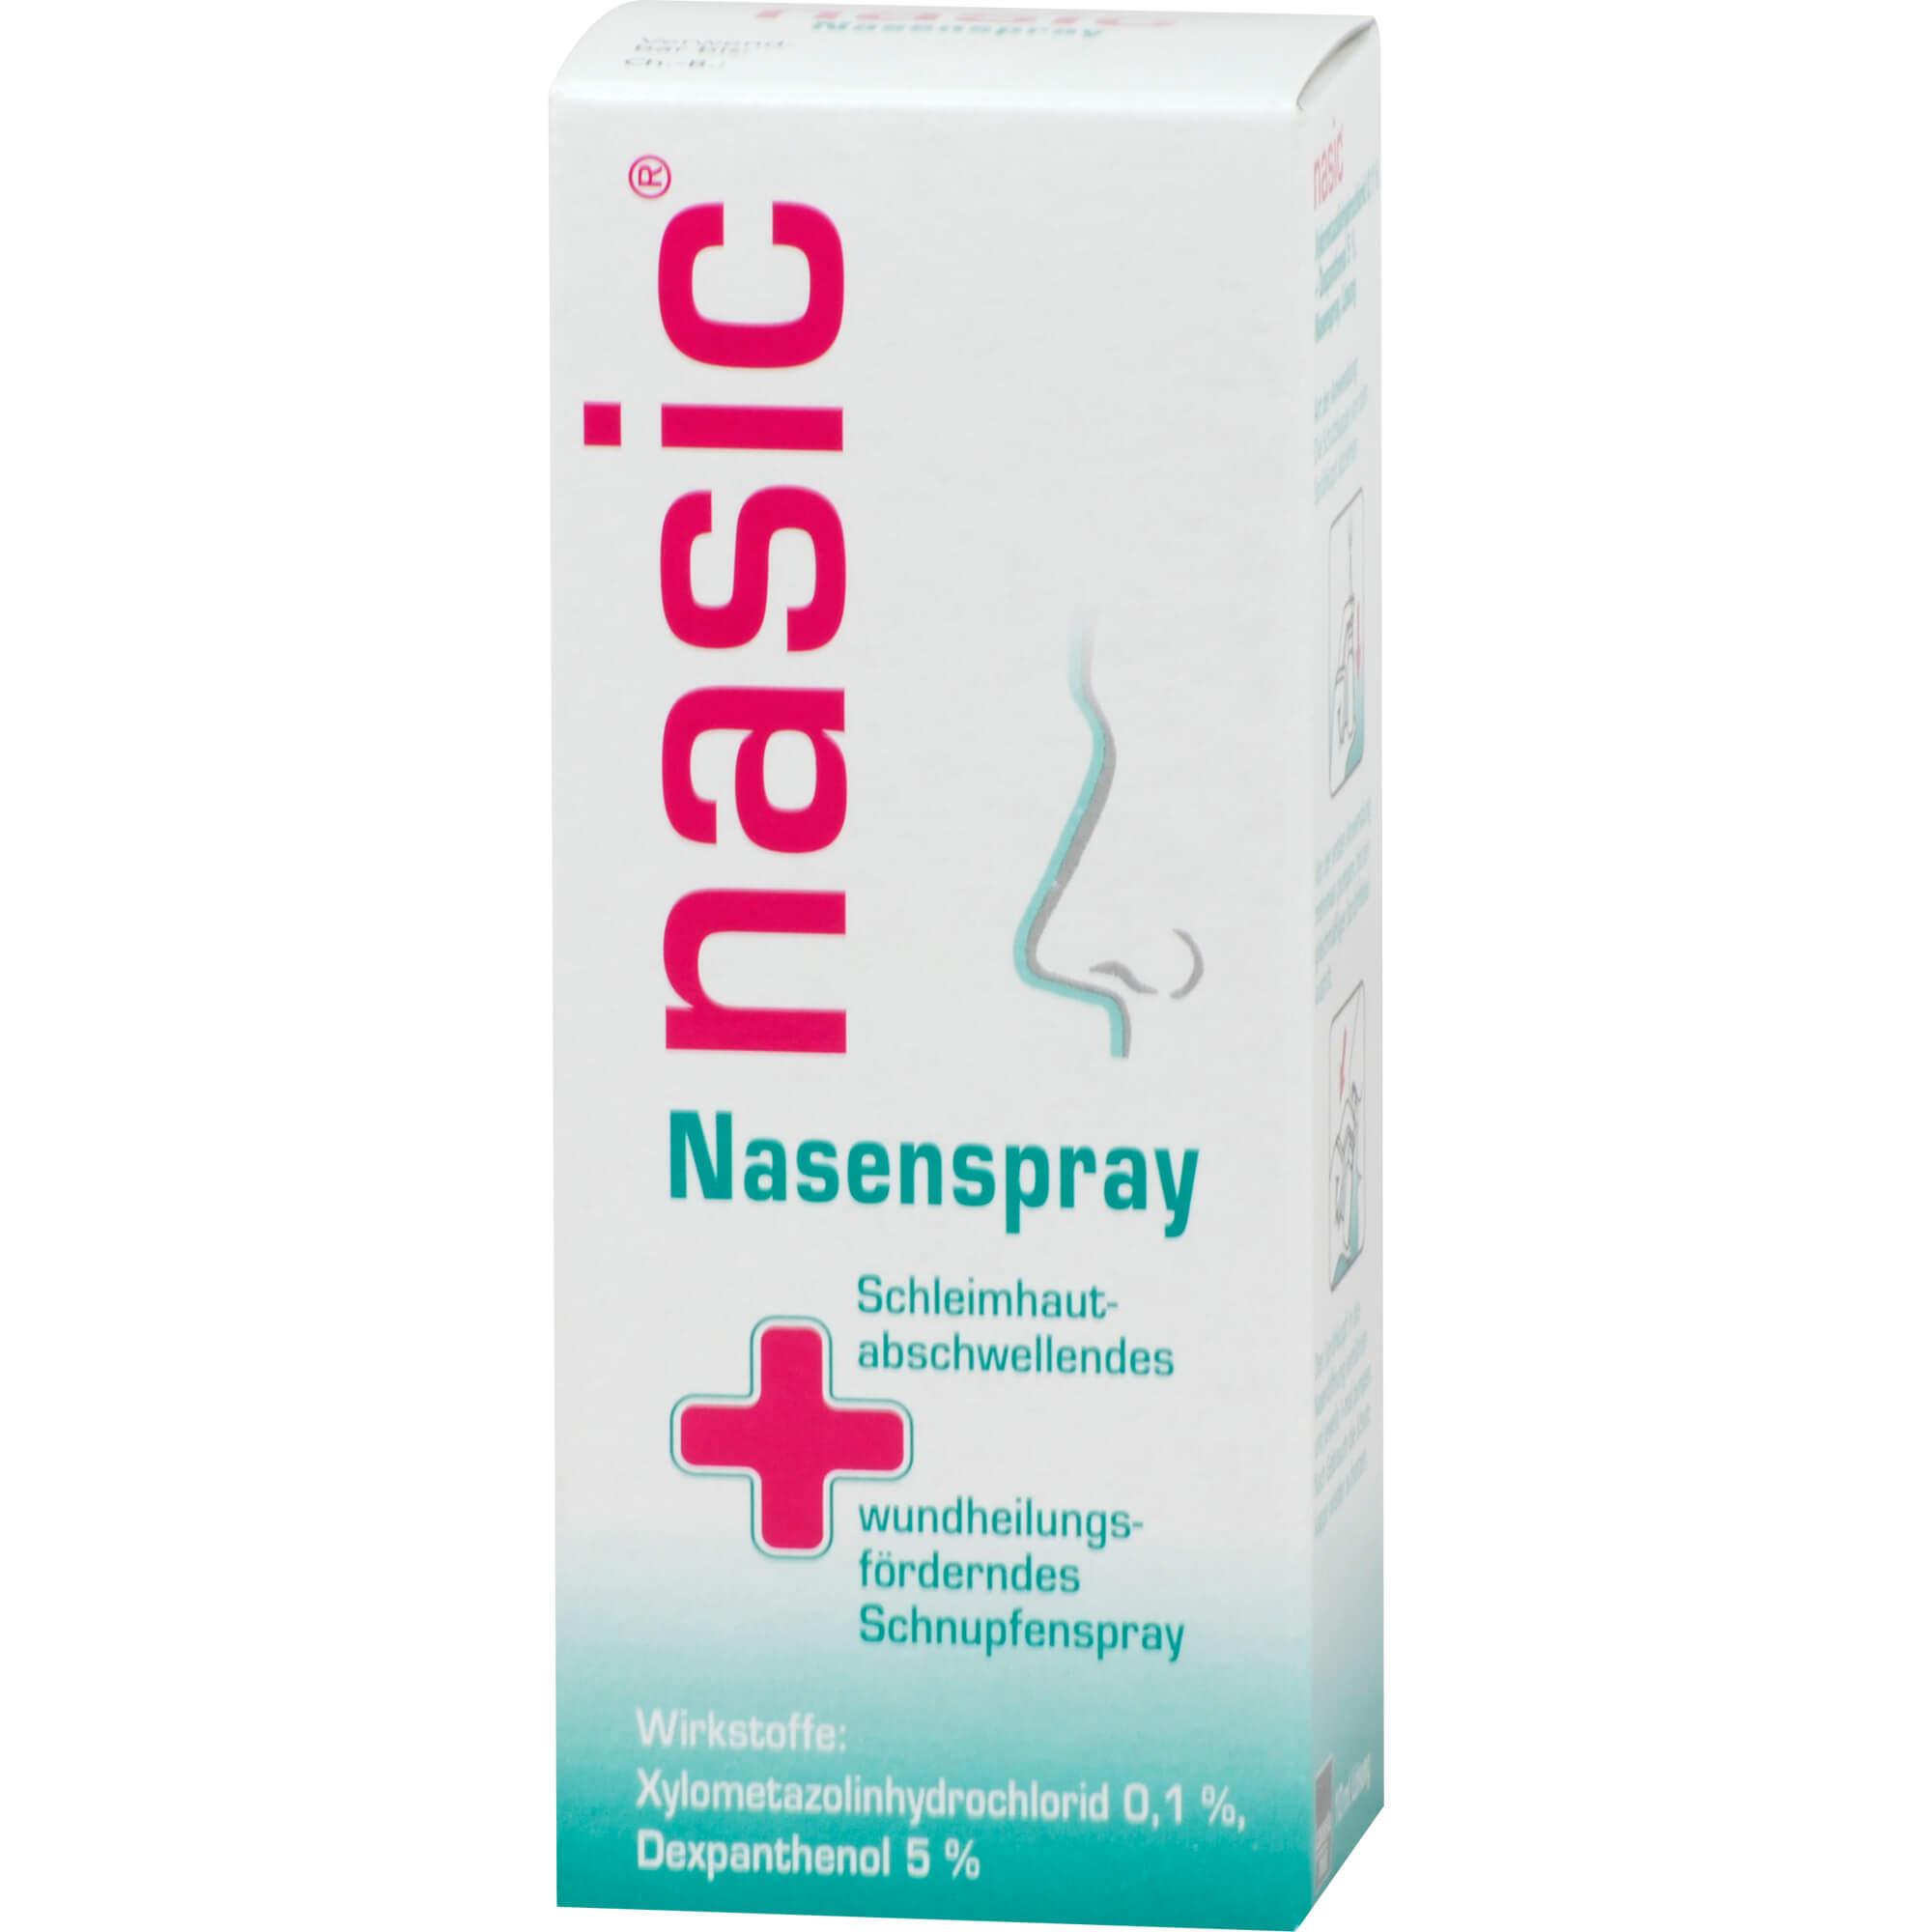 NASIC-Nasenspray